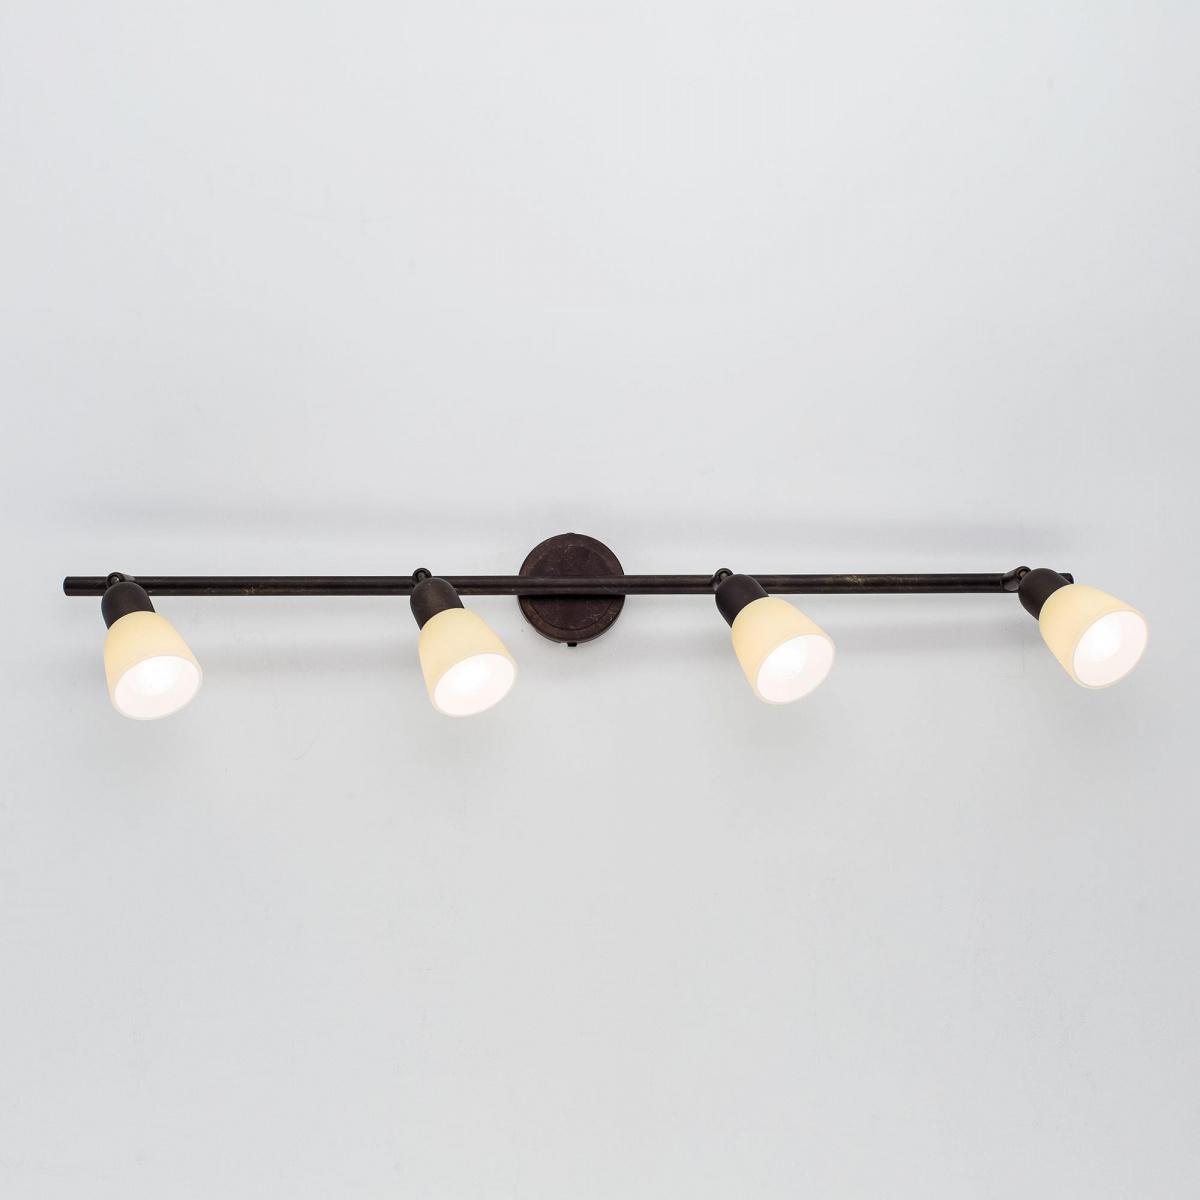 Потолочный светильник с регулировкой направления света Citilux Ронда CL506544, 4xE14x60W, коричневый, бежевый, металл, стекло - фото 7